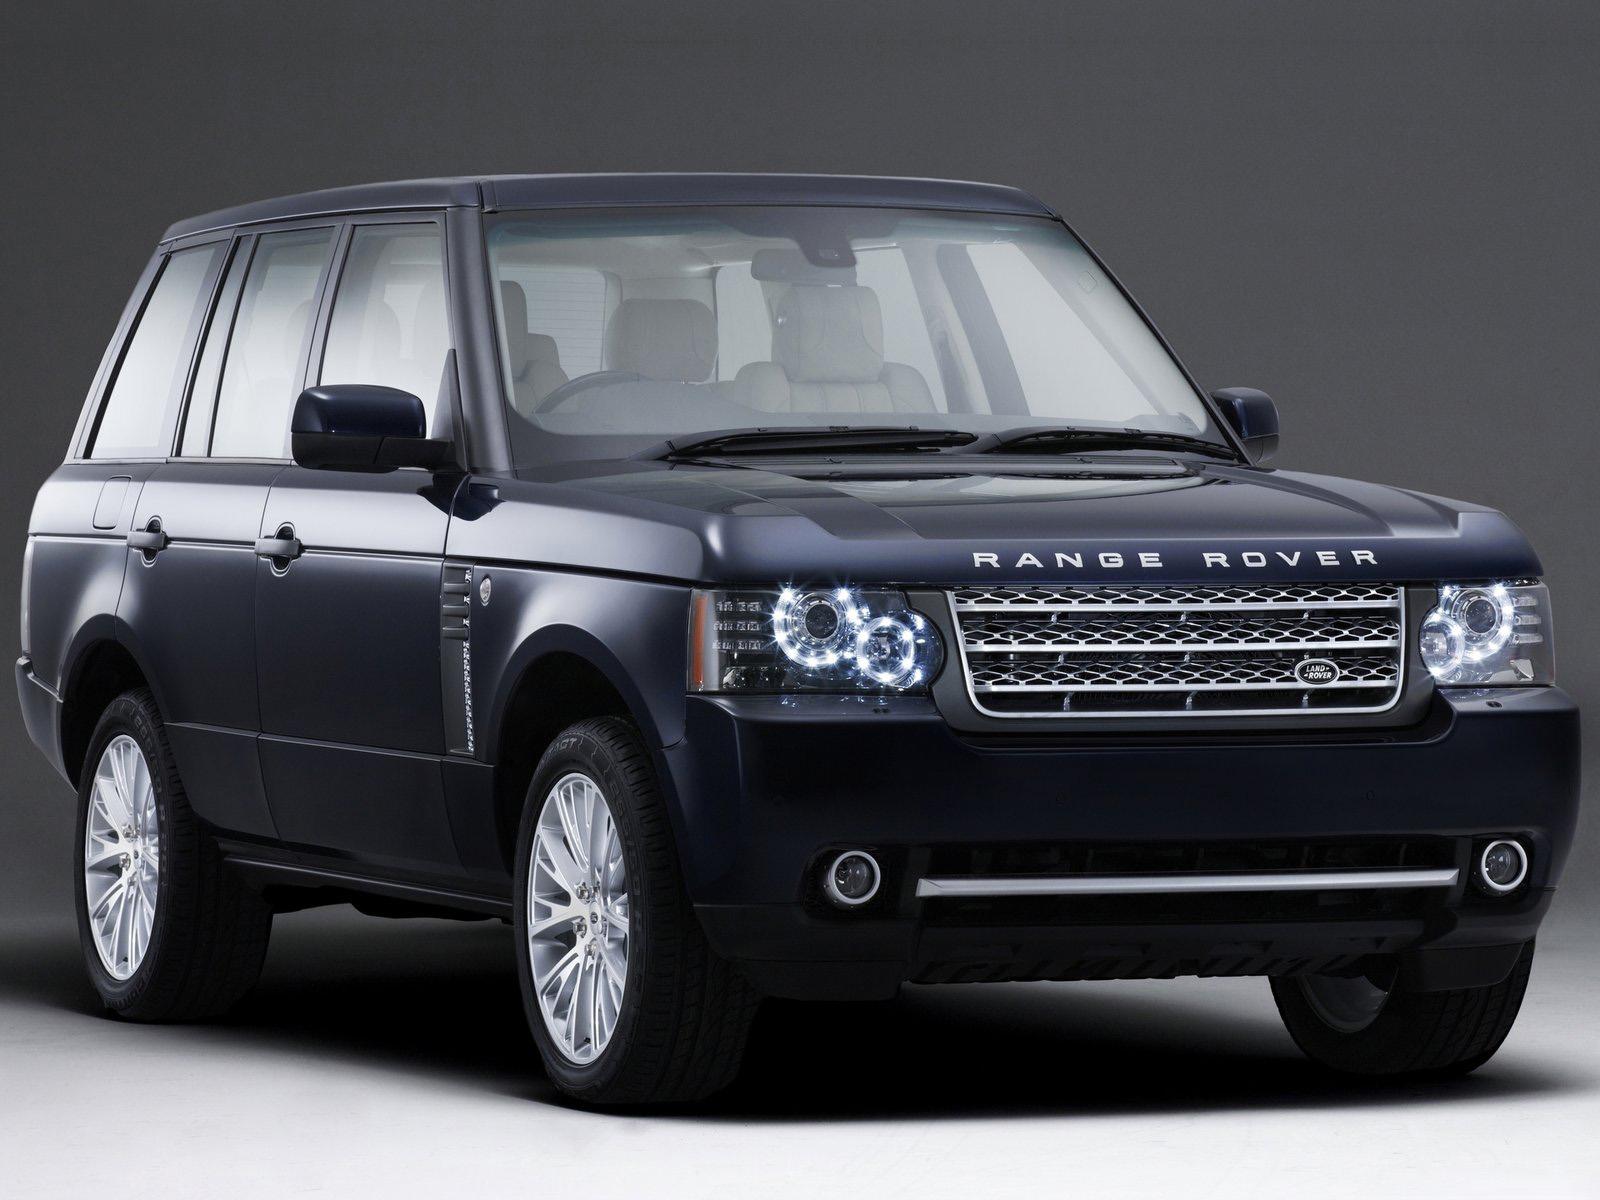 automotive database range rover l322. Black Bedroom Furniture Sets. Home Design Ideas